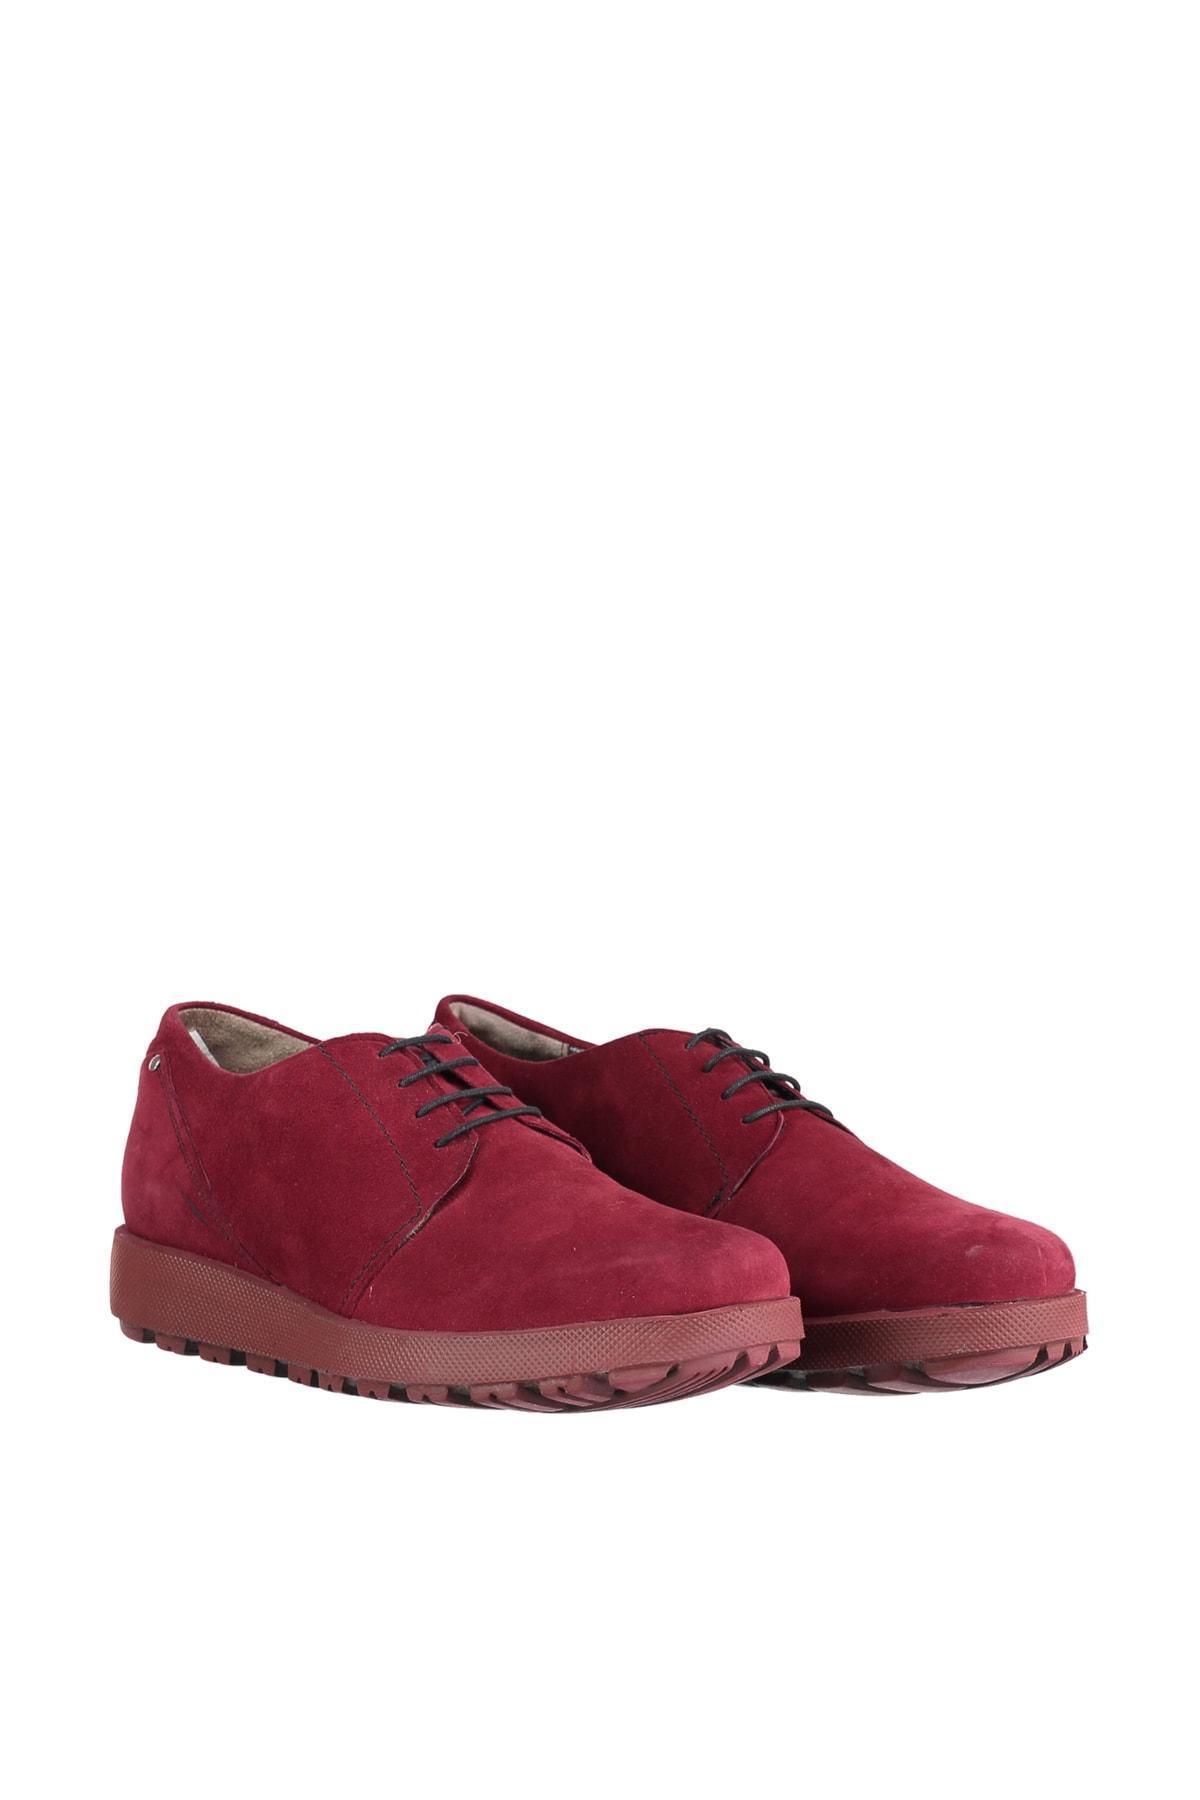 İnci Gerçek Deri Burgonya Erkek 'S Ayakkabı 120117498380